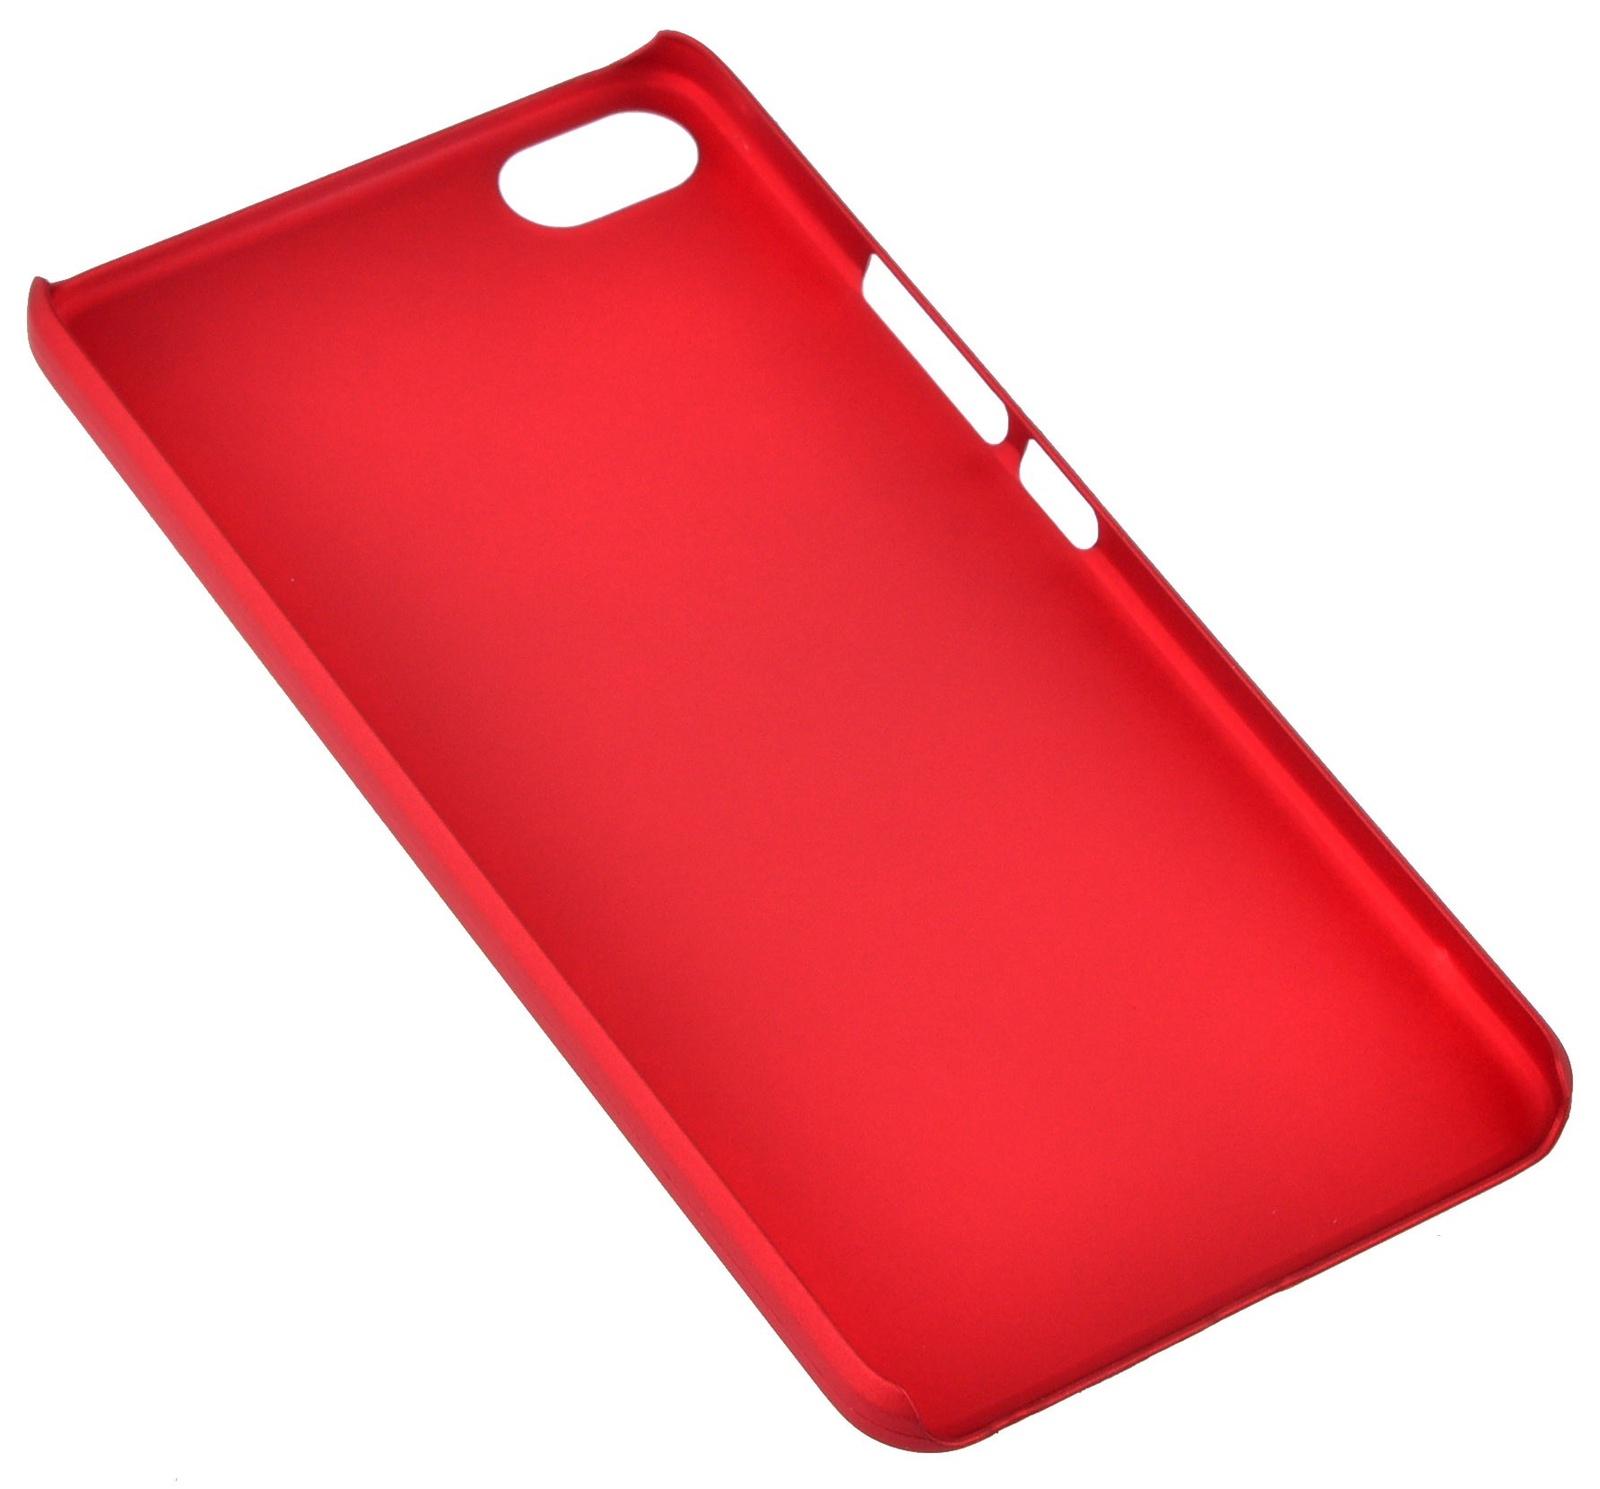 Чехол для сотового телефона skinBOX 4People, 4660041408072, красный